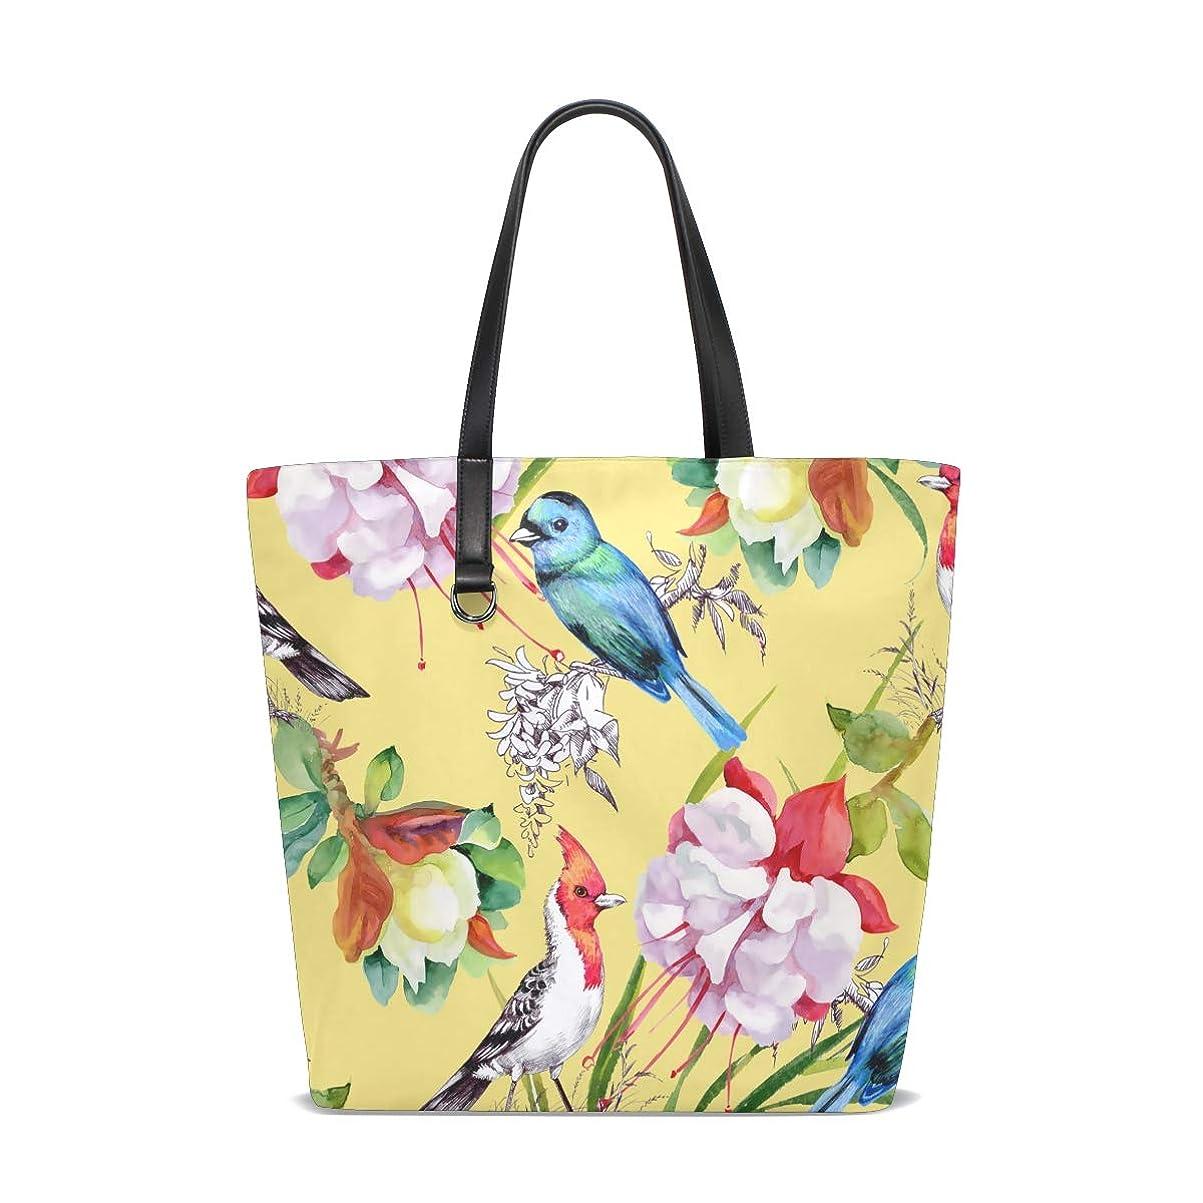 腐敗仮称レイトートバッグ かばん ポリエステル+レザー 麗しい 花と鳥柄 黄色 両面使える 大容量 通勤通学 メンズ レディース